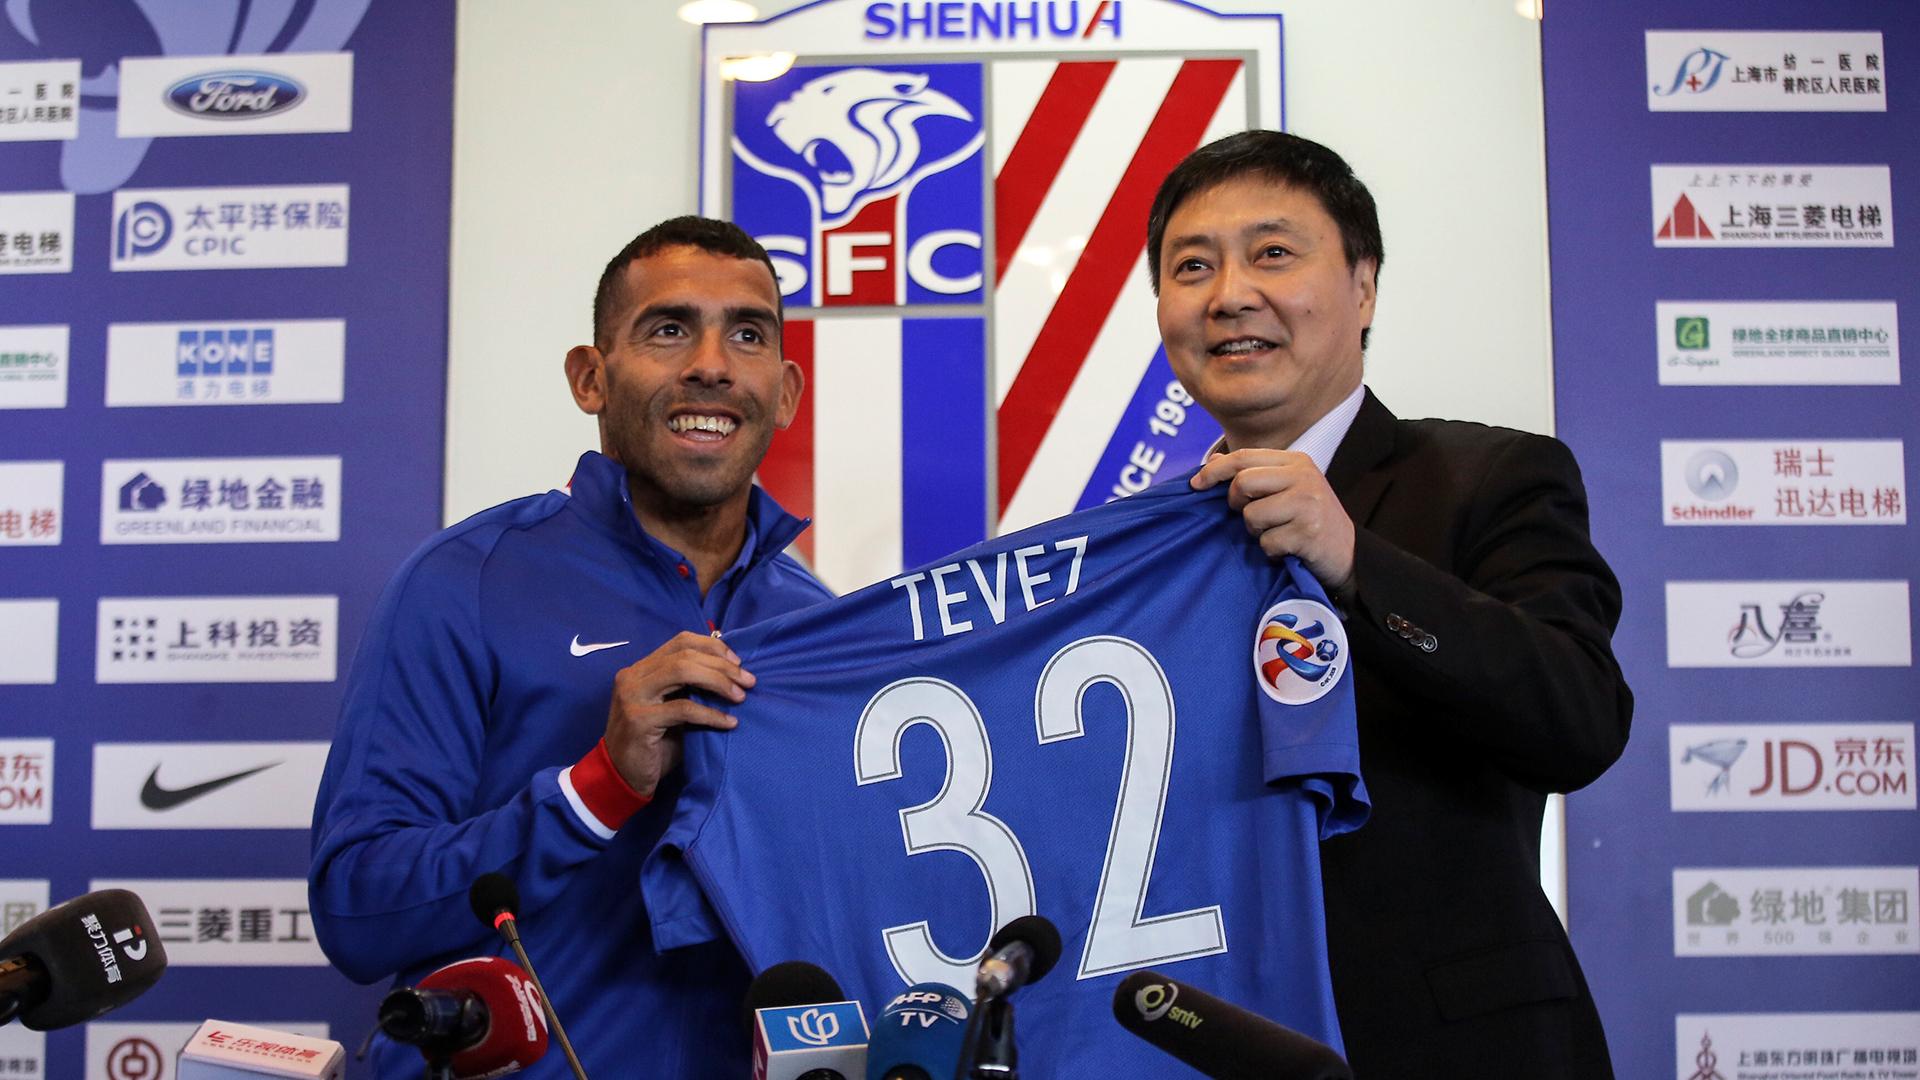 Carlos Tevez Shanghai Shenhua